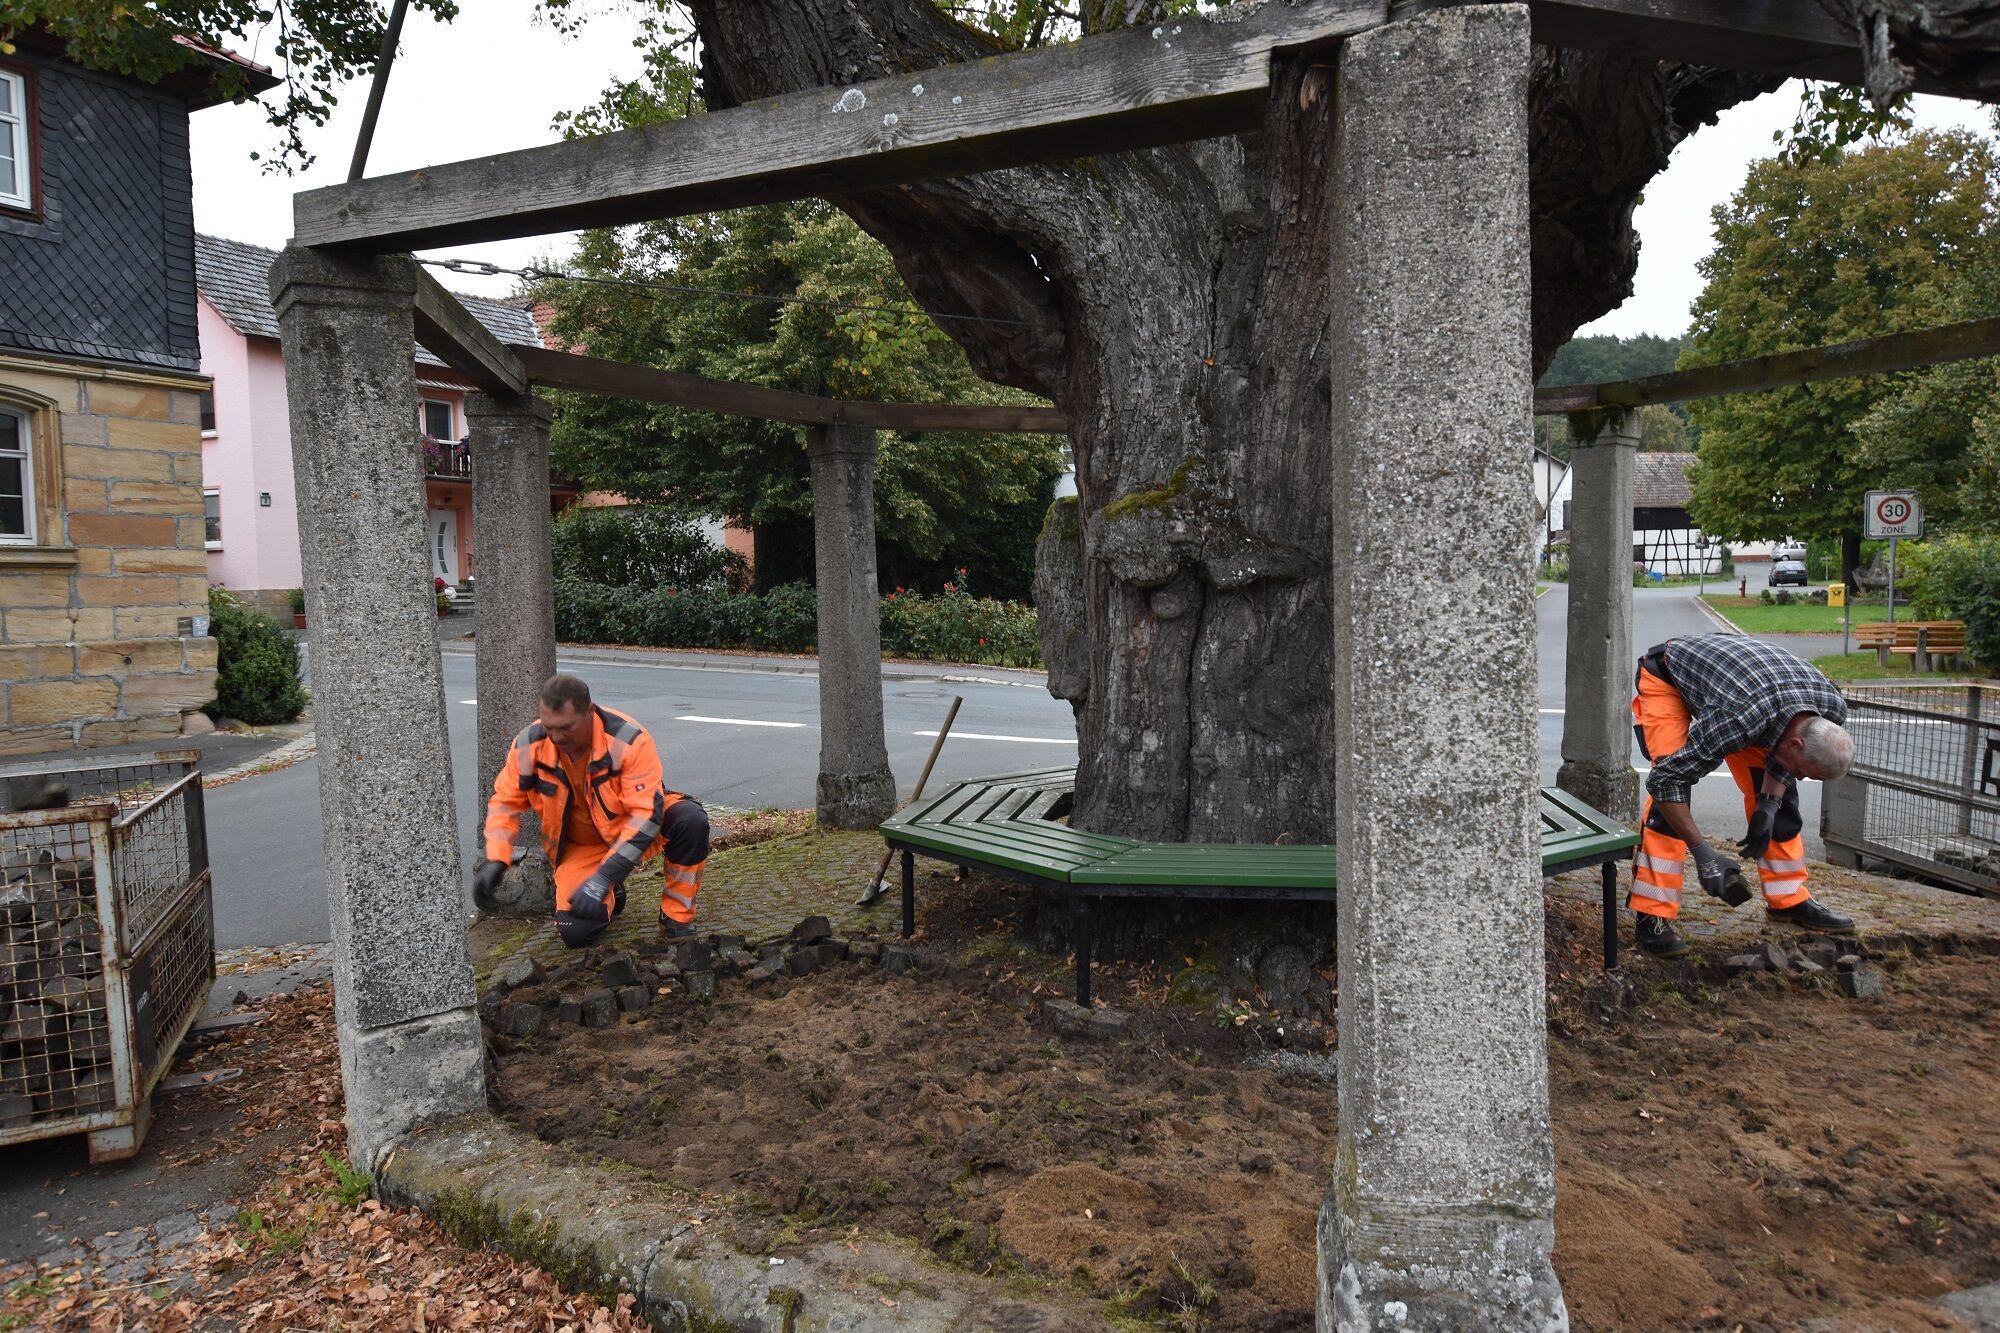 Die Mitarbeiter der Gemeinde bauten das Pflaster rund um die Tanzlinde aus. Foto: Stefanie Weigelmeier